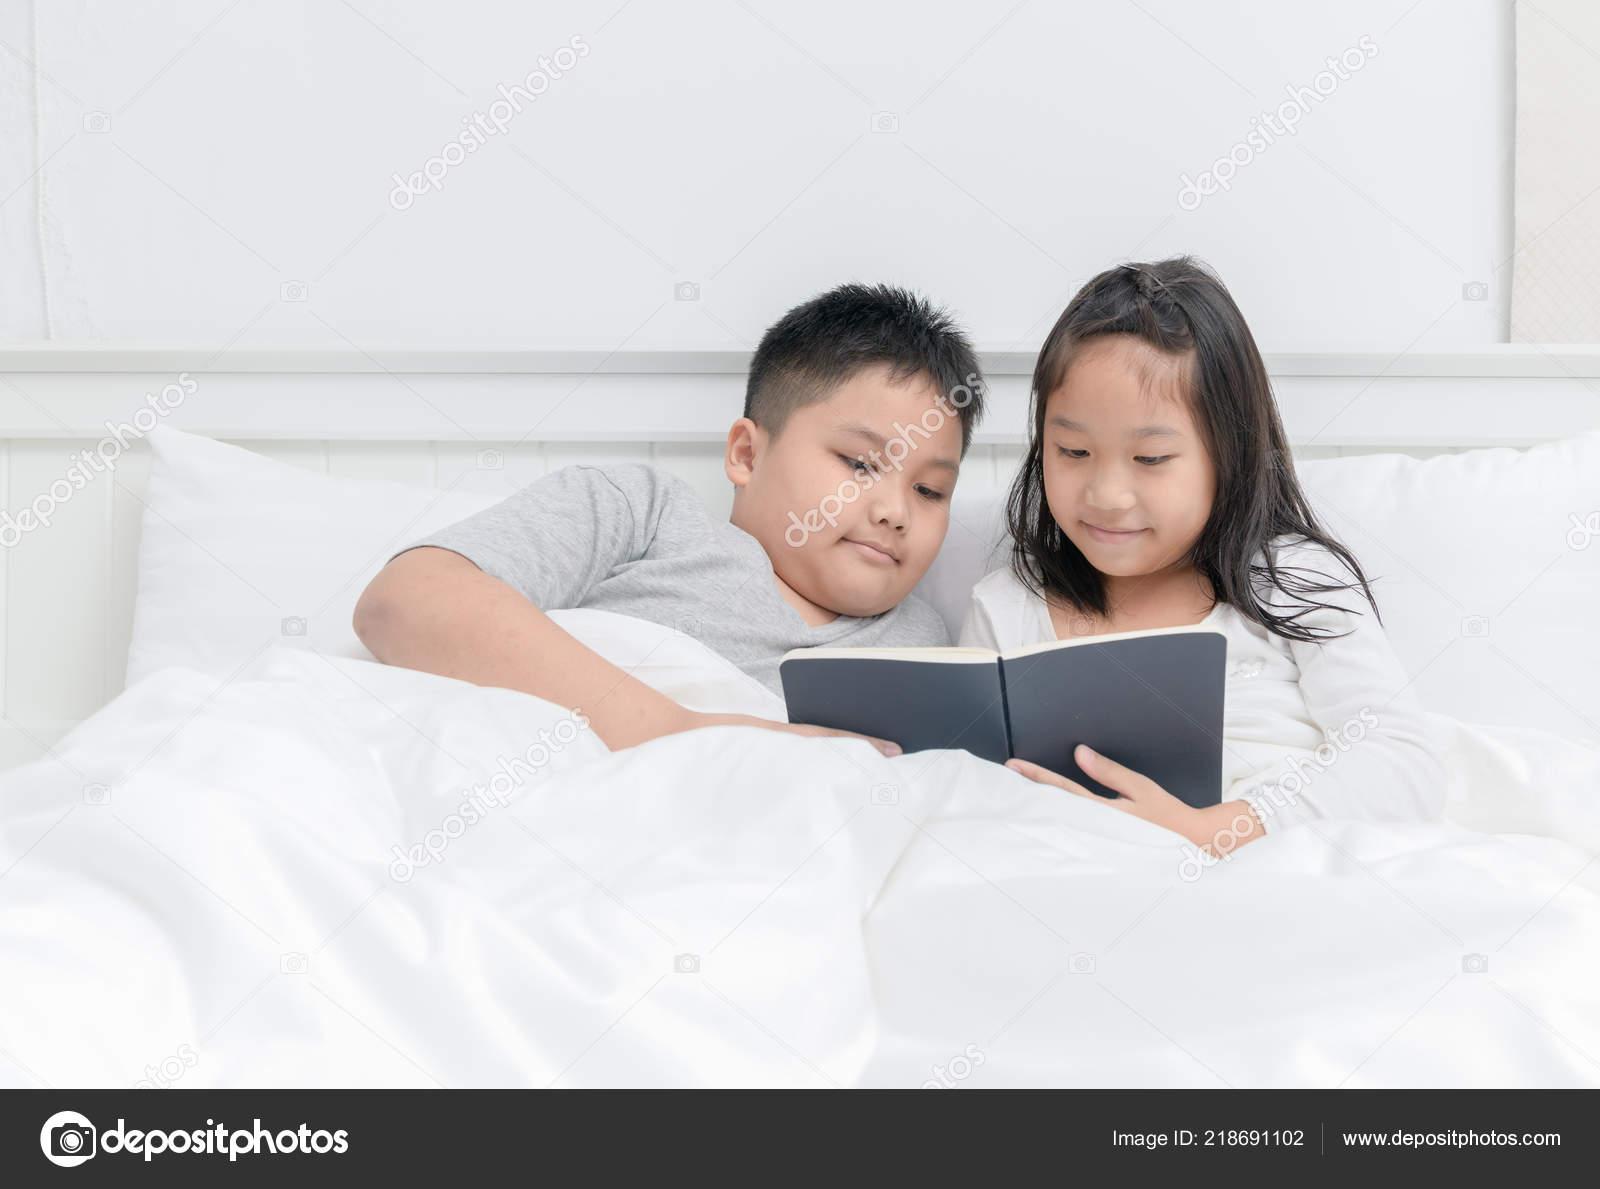 Сестра читала книгу а брат начал приставать, Сестра пристаёт к брату -видео. Смотреть Сестра 20 фотография